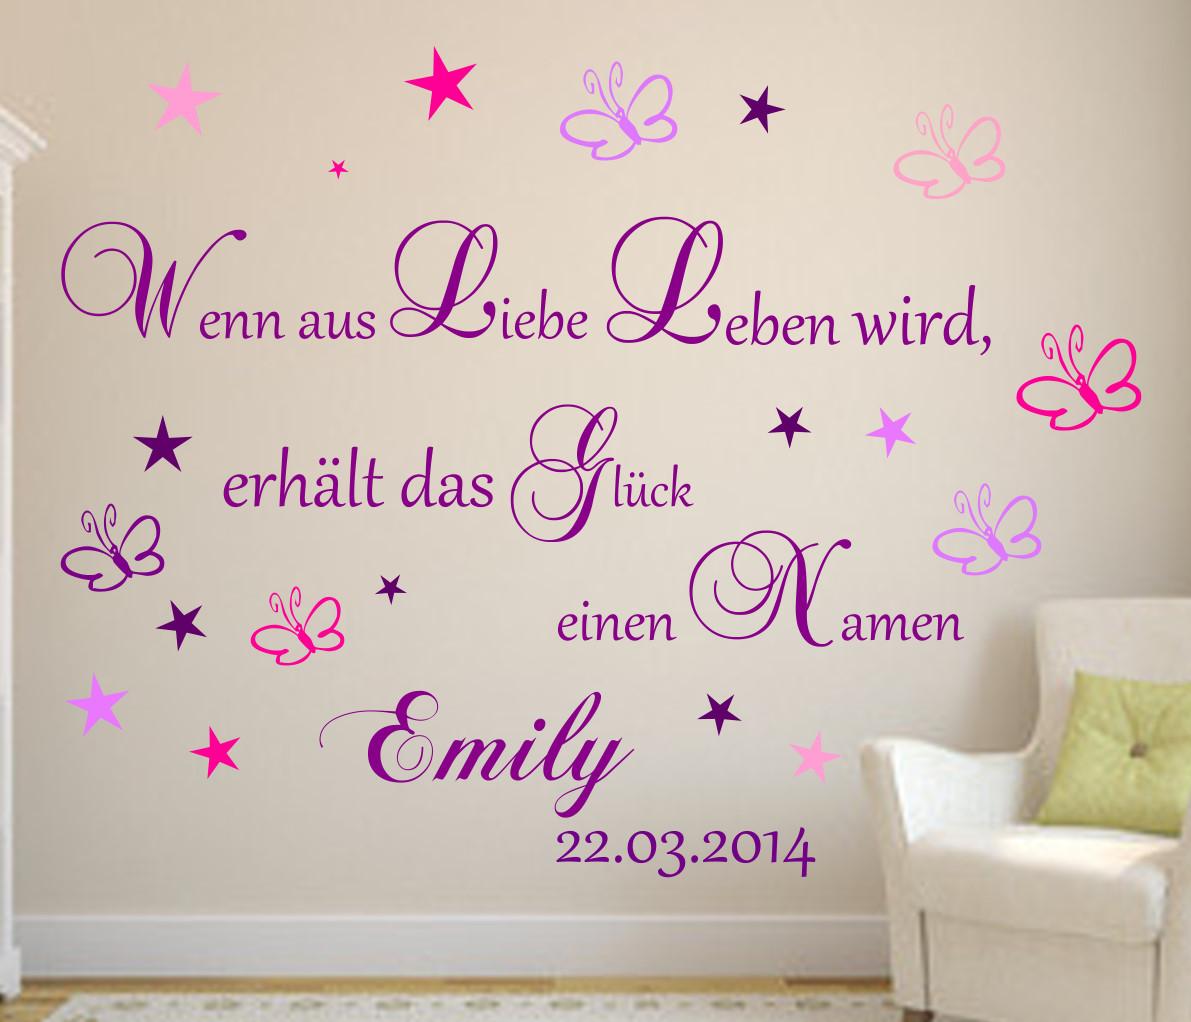 Details zu Wandtattoo Kinderzimmer Wenn aus Liebe Leben wird... Baby Wunsch  Namen Sterne